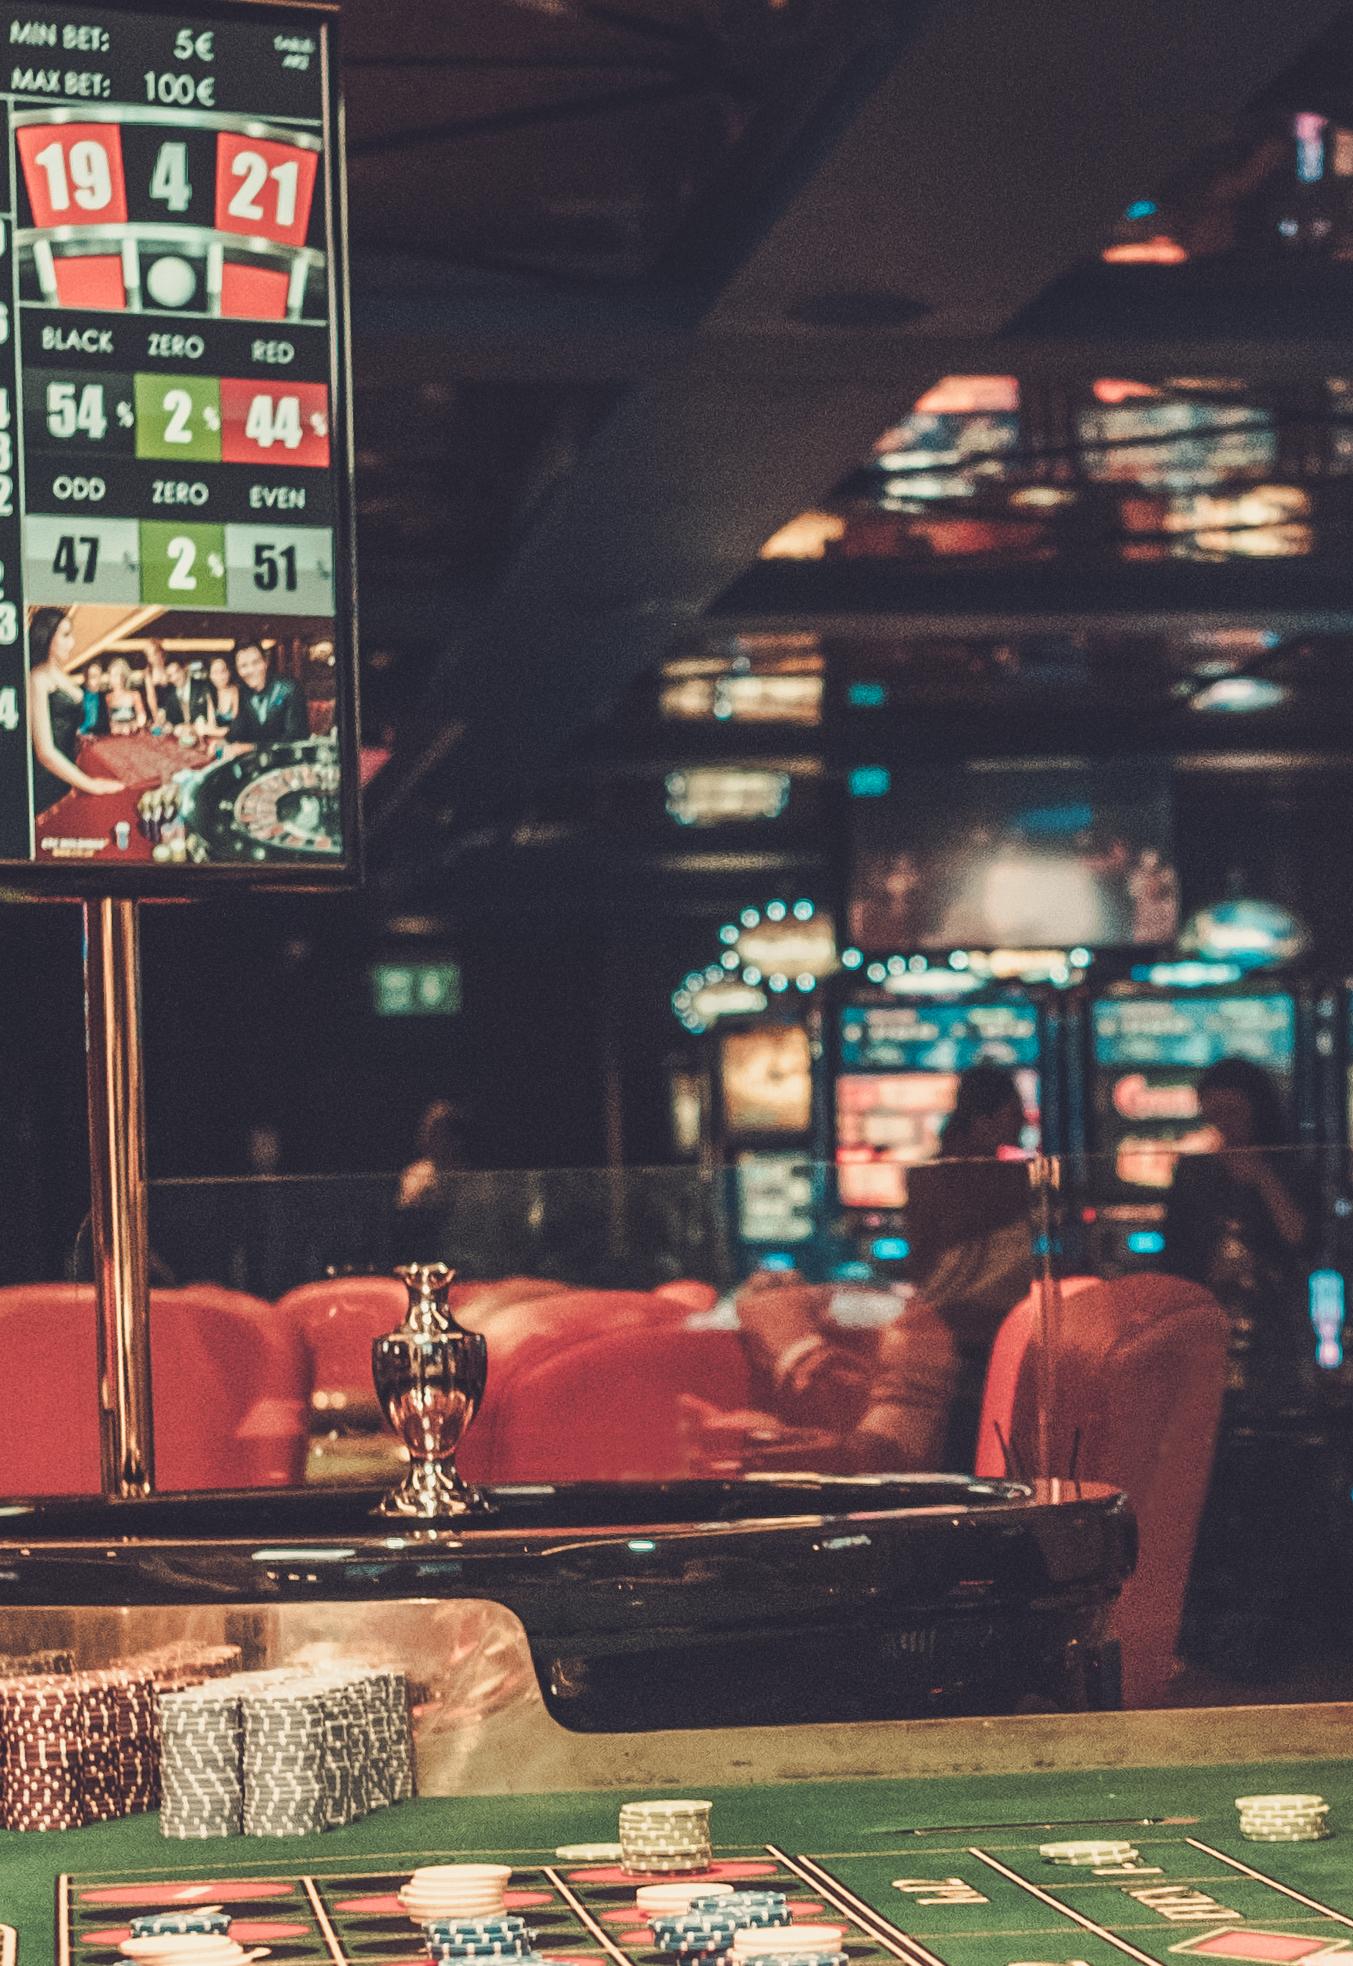 Casinobonusar blir allt vanligare på nätet